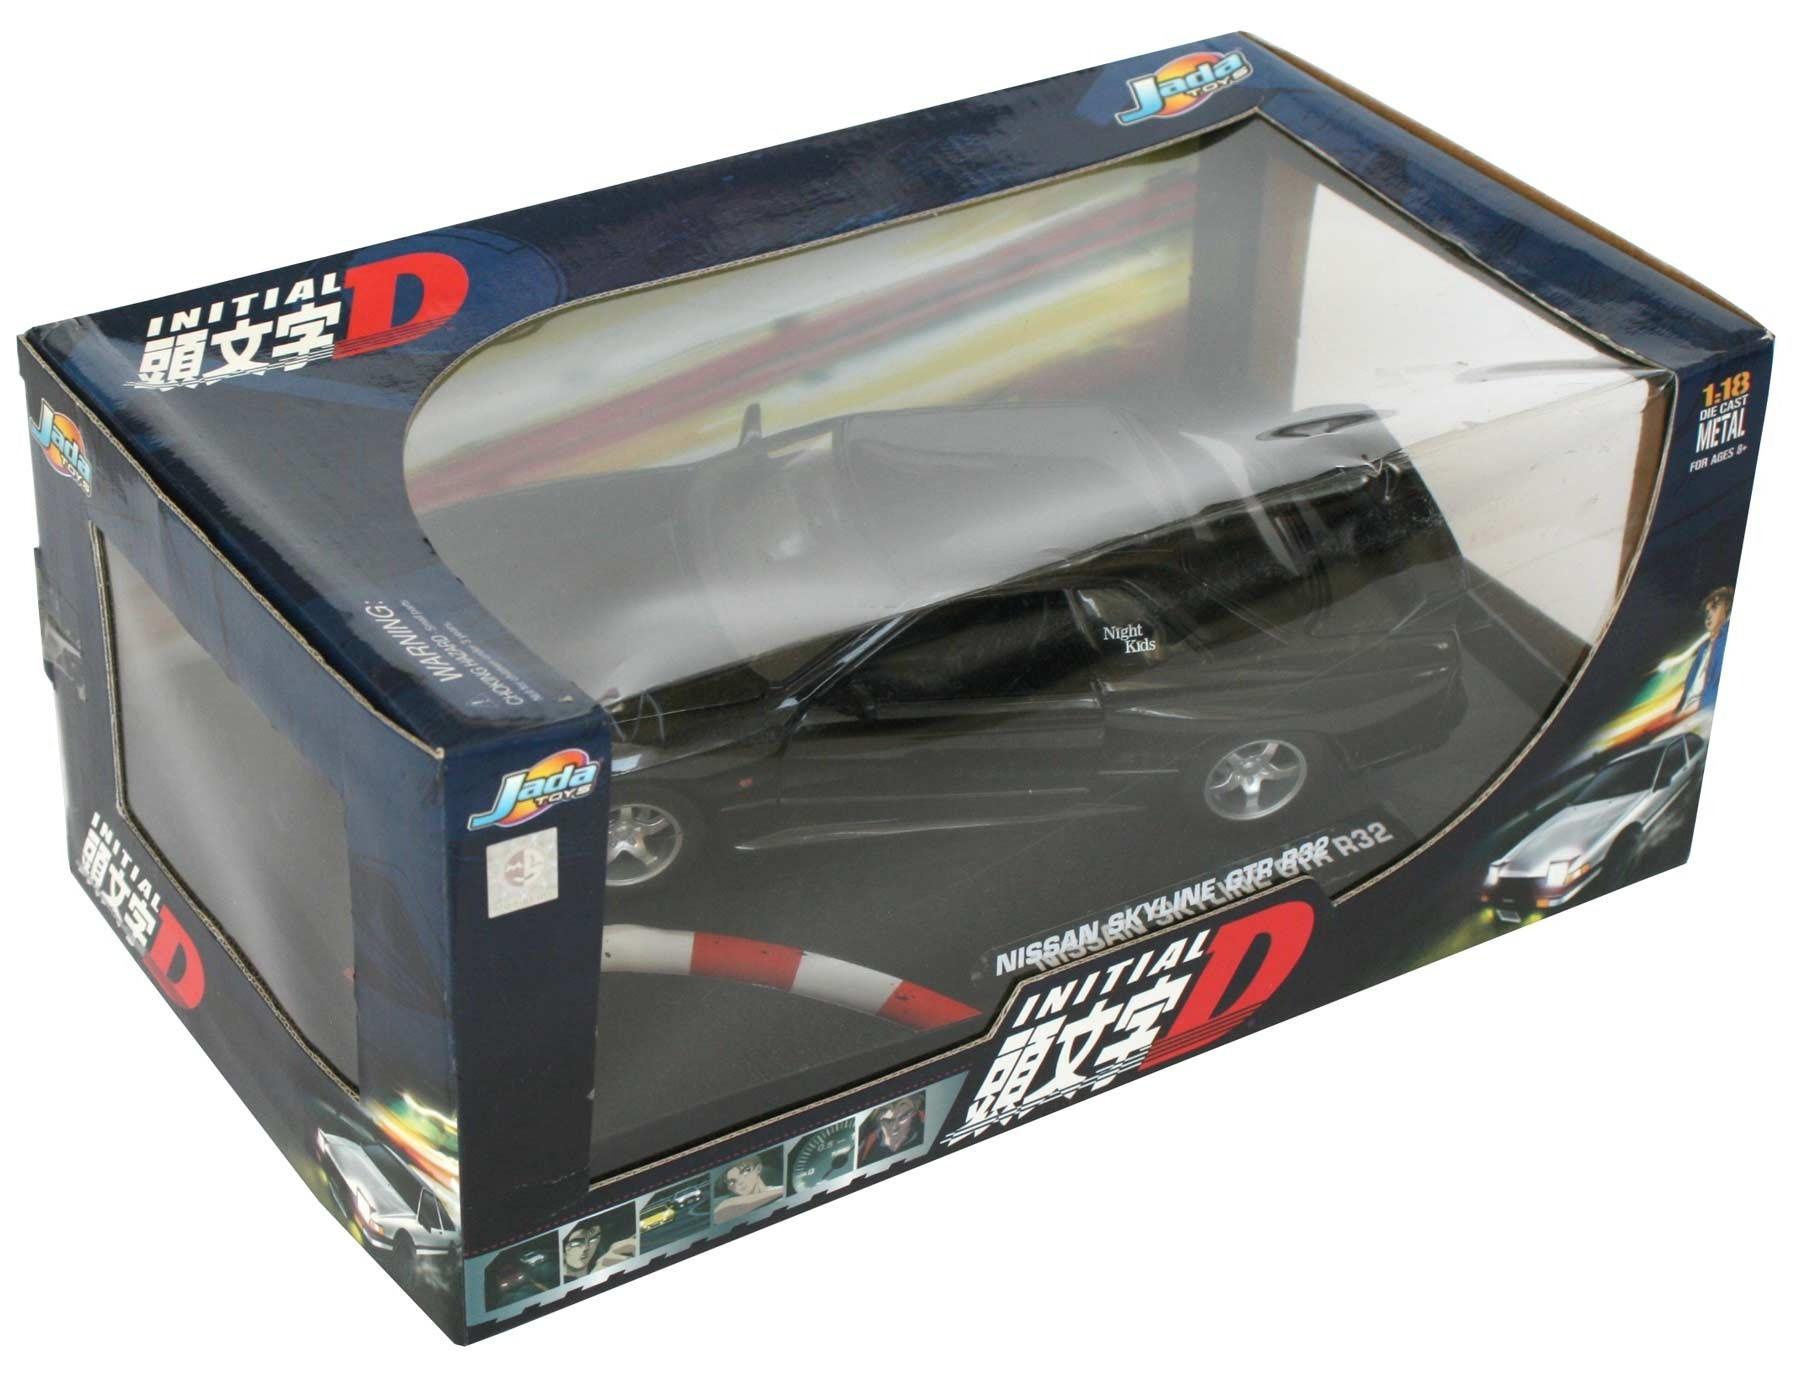 Initial_D_Nissan_GTR_Jada_Toys_Die_cast_plongee_03